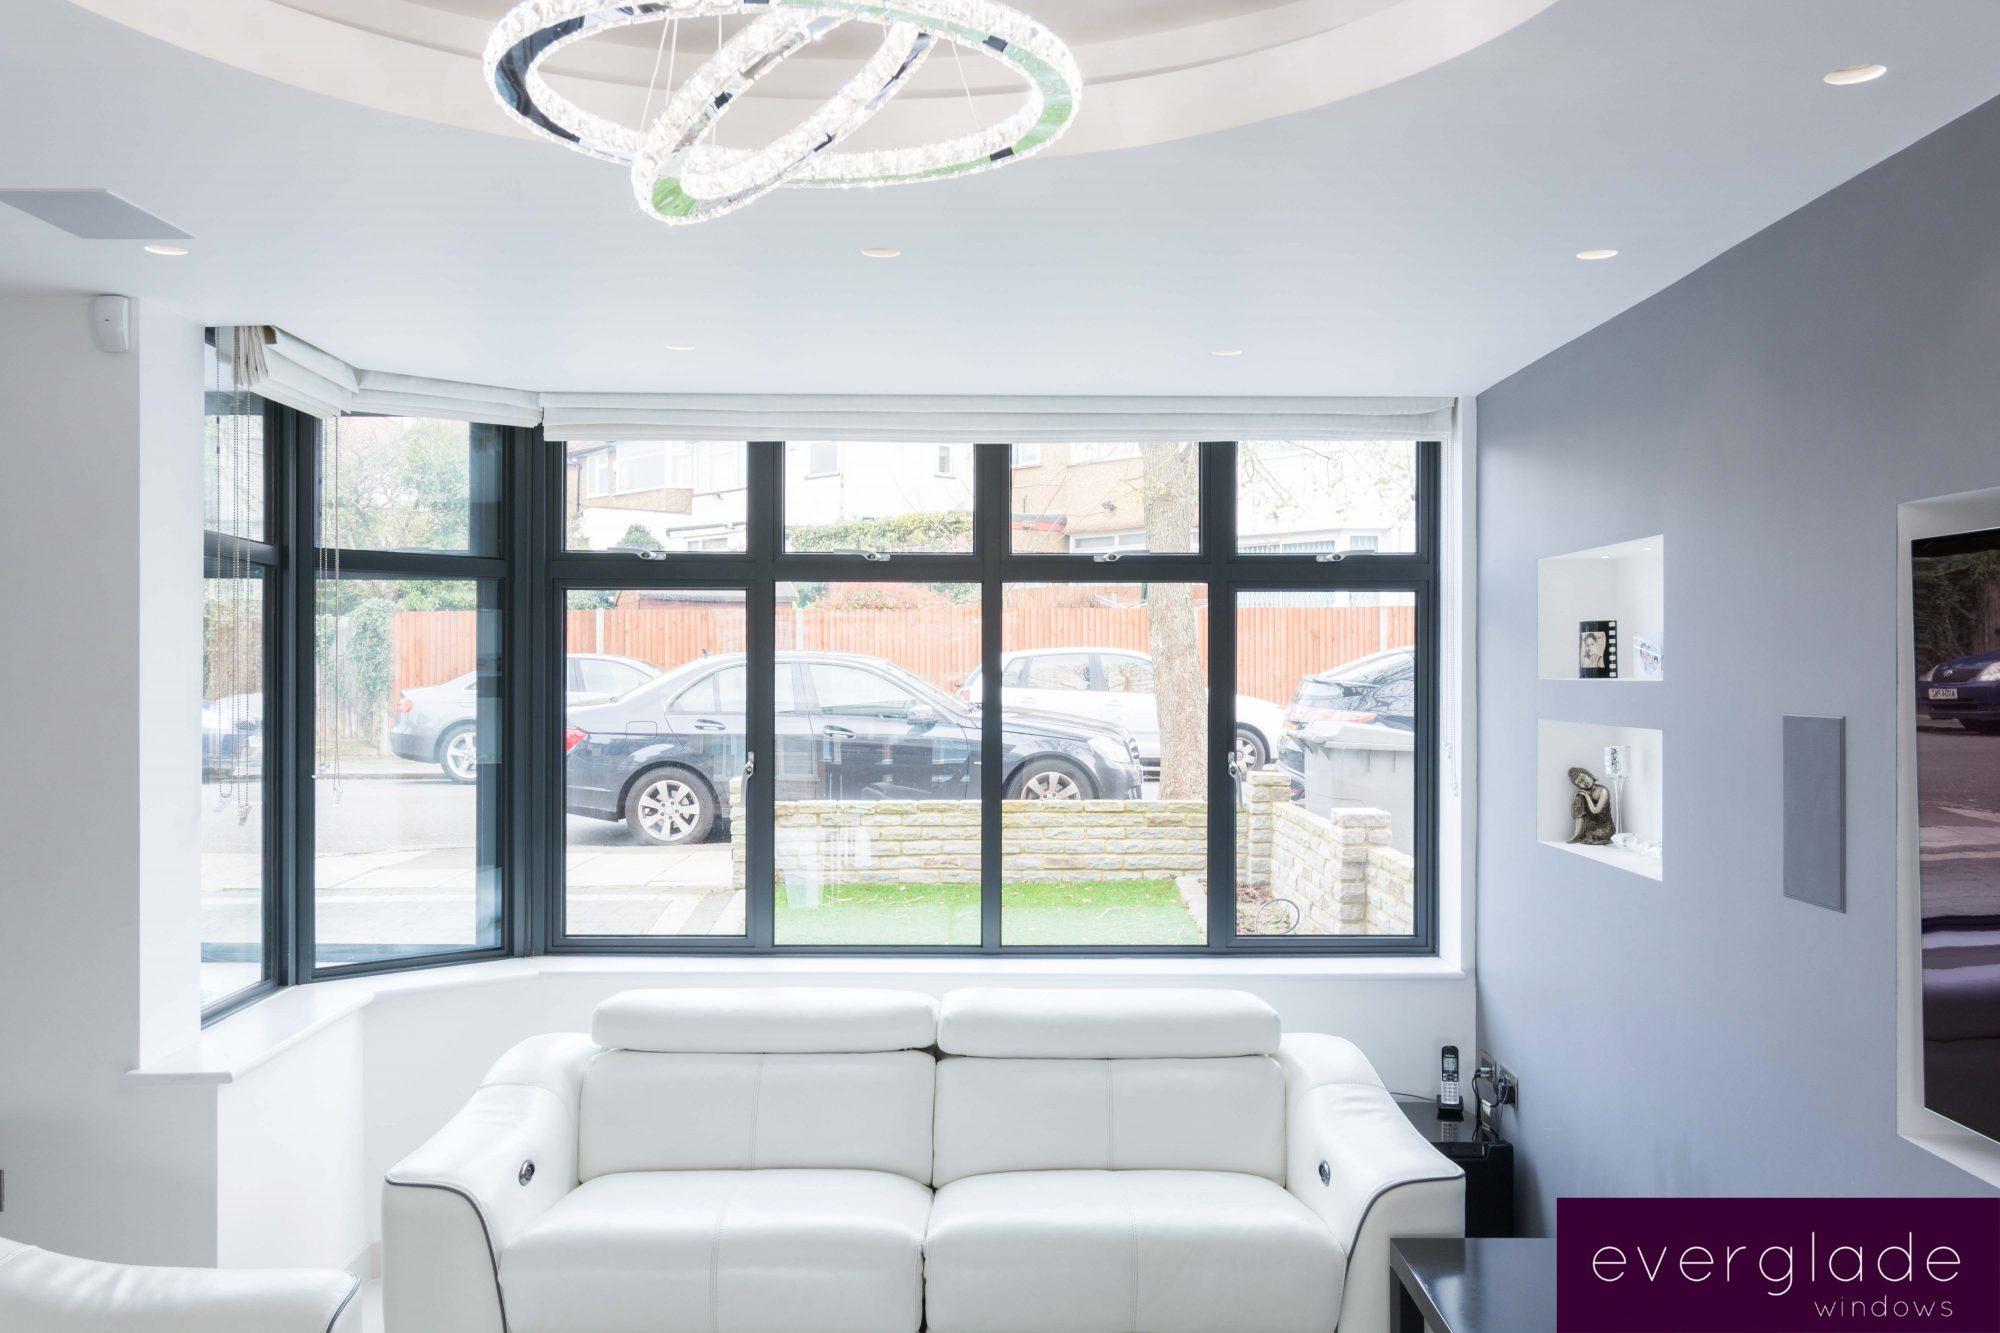 Insulated aluminium windows